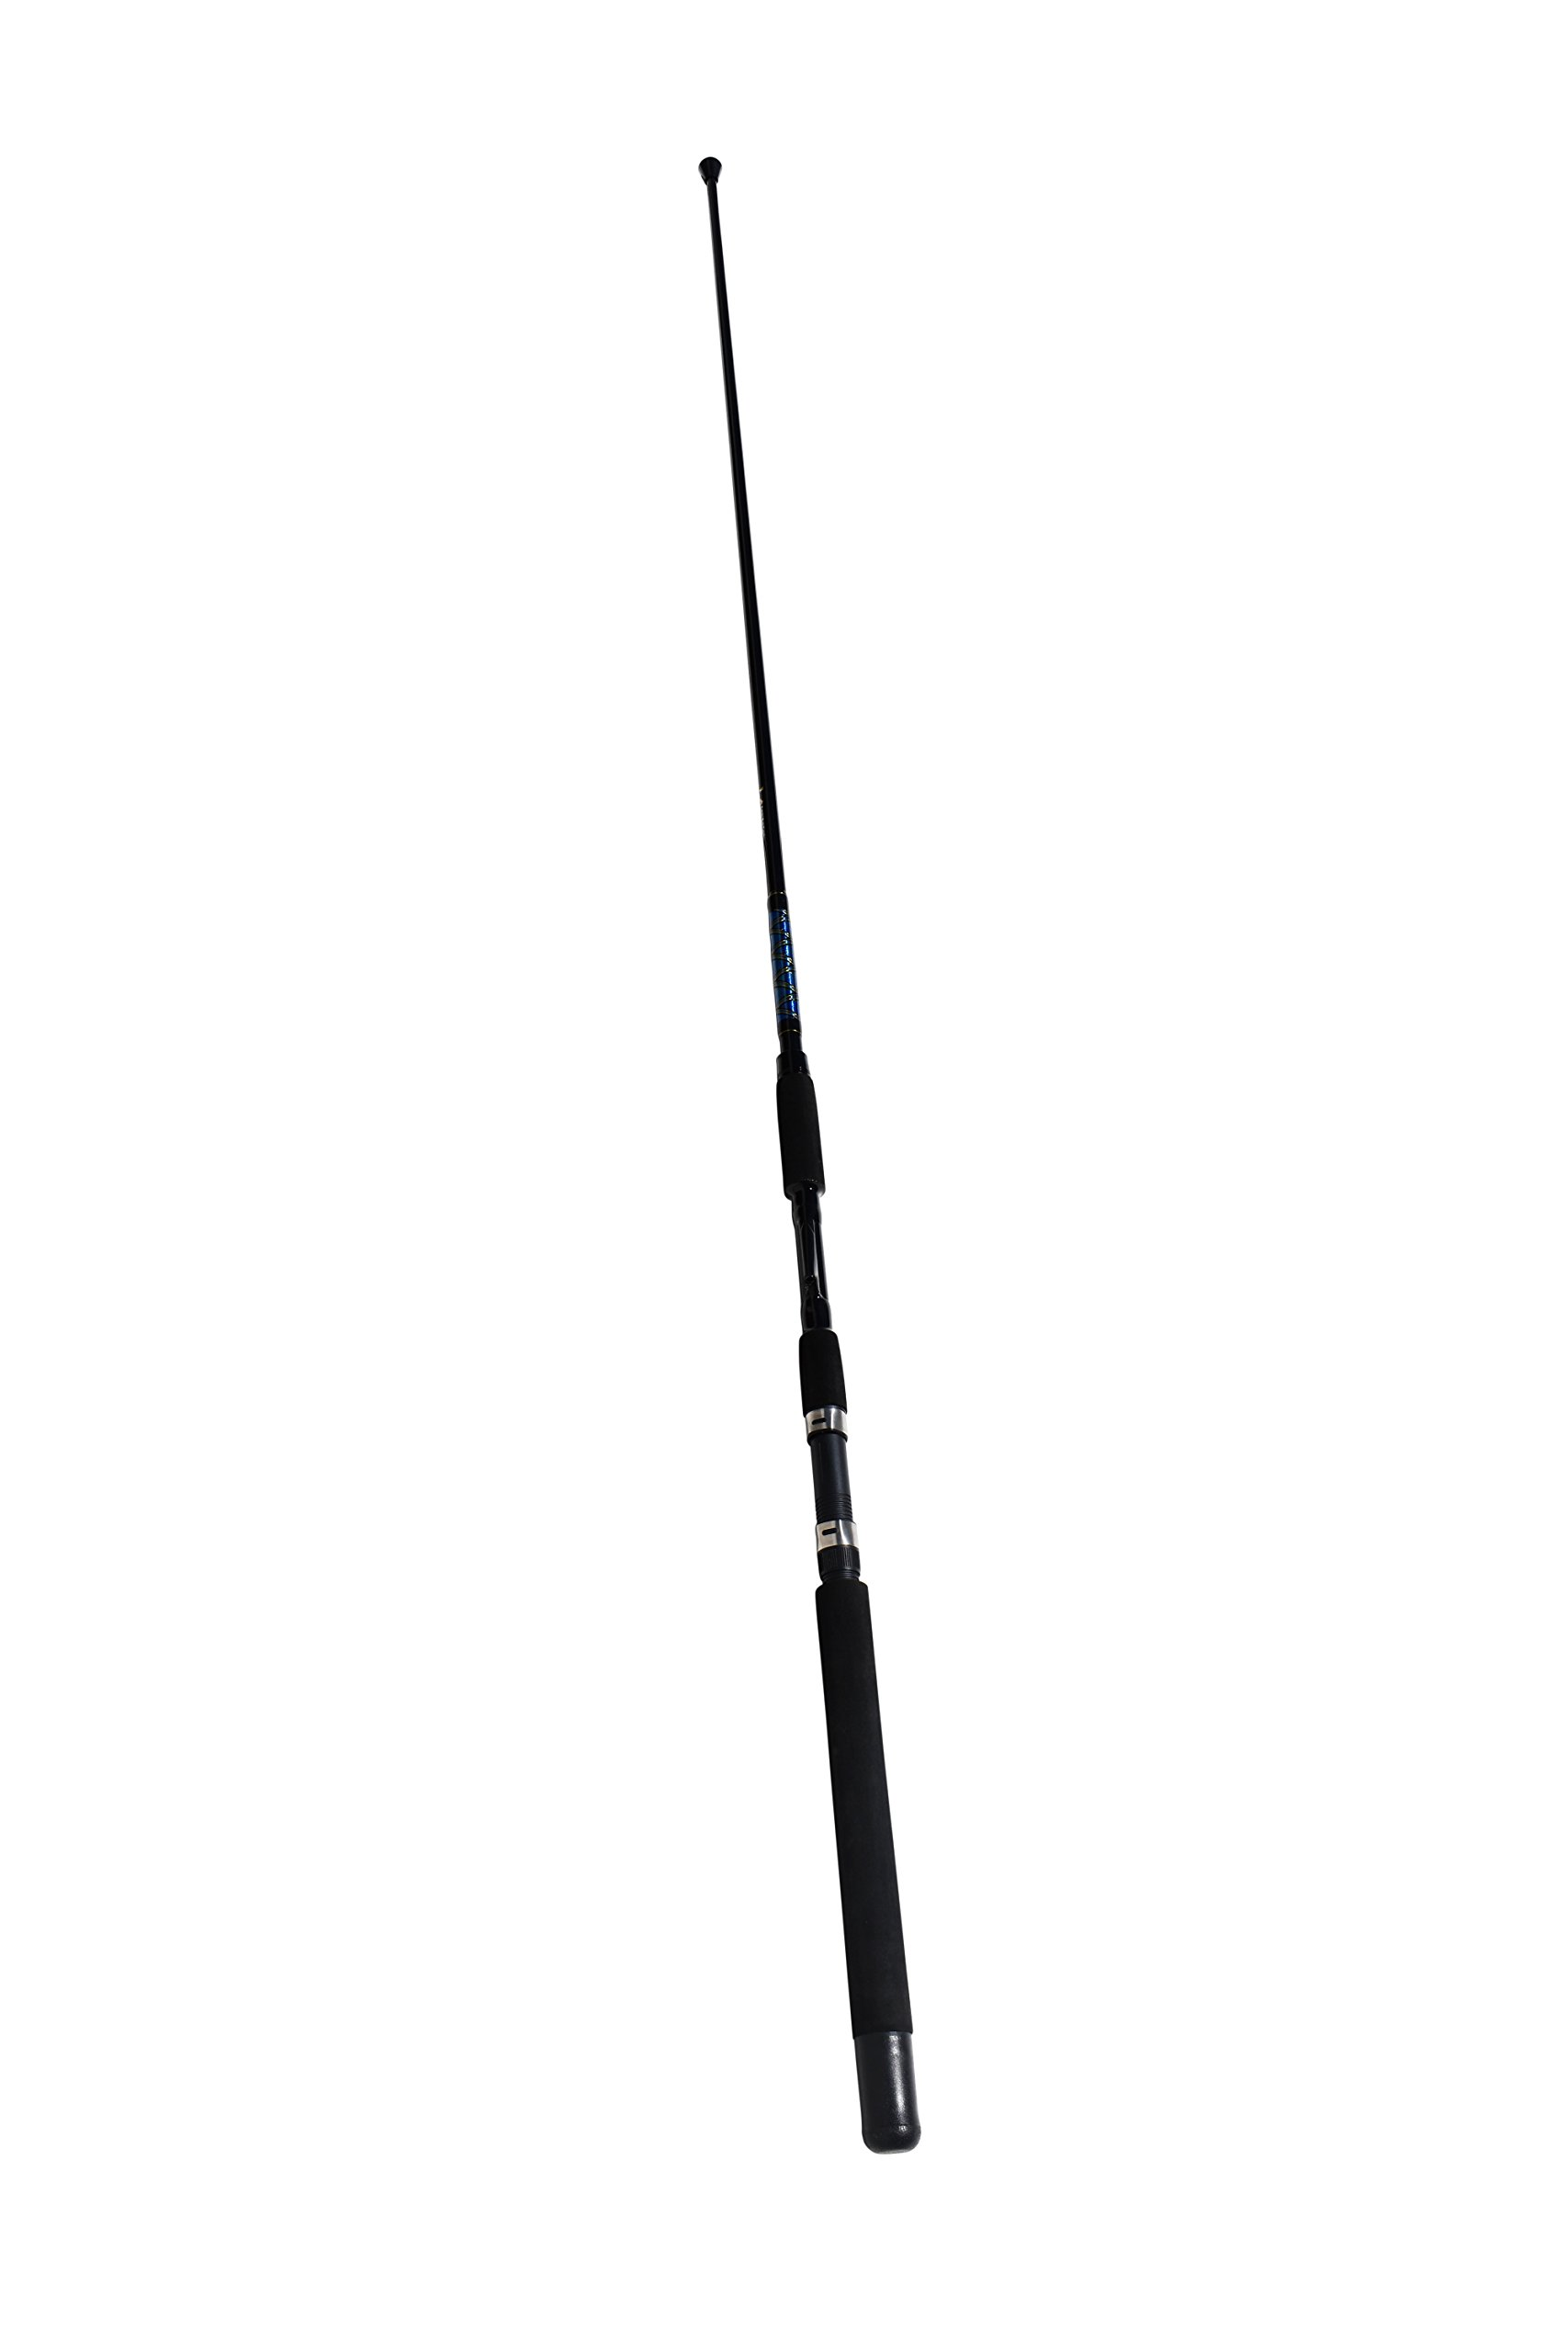 Sabiki Fishing Rod Bait Rod 7 Foot Long Saltwater Fishing Pole!!!